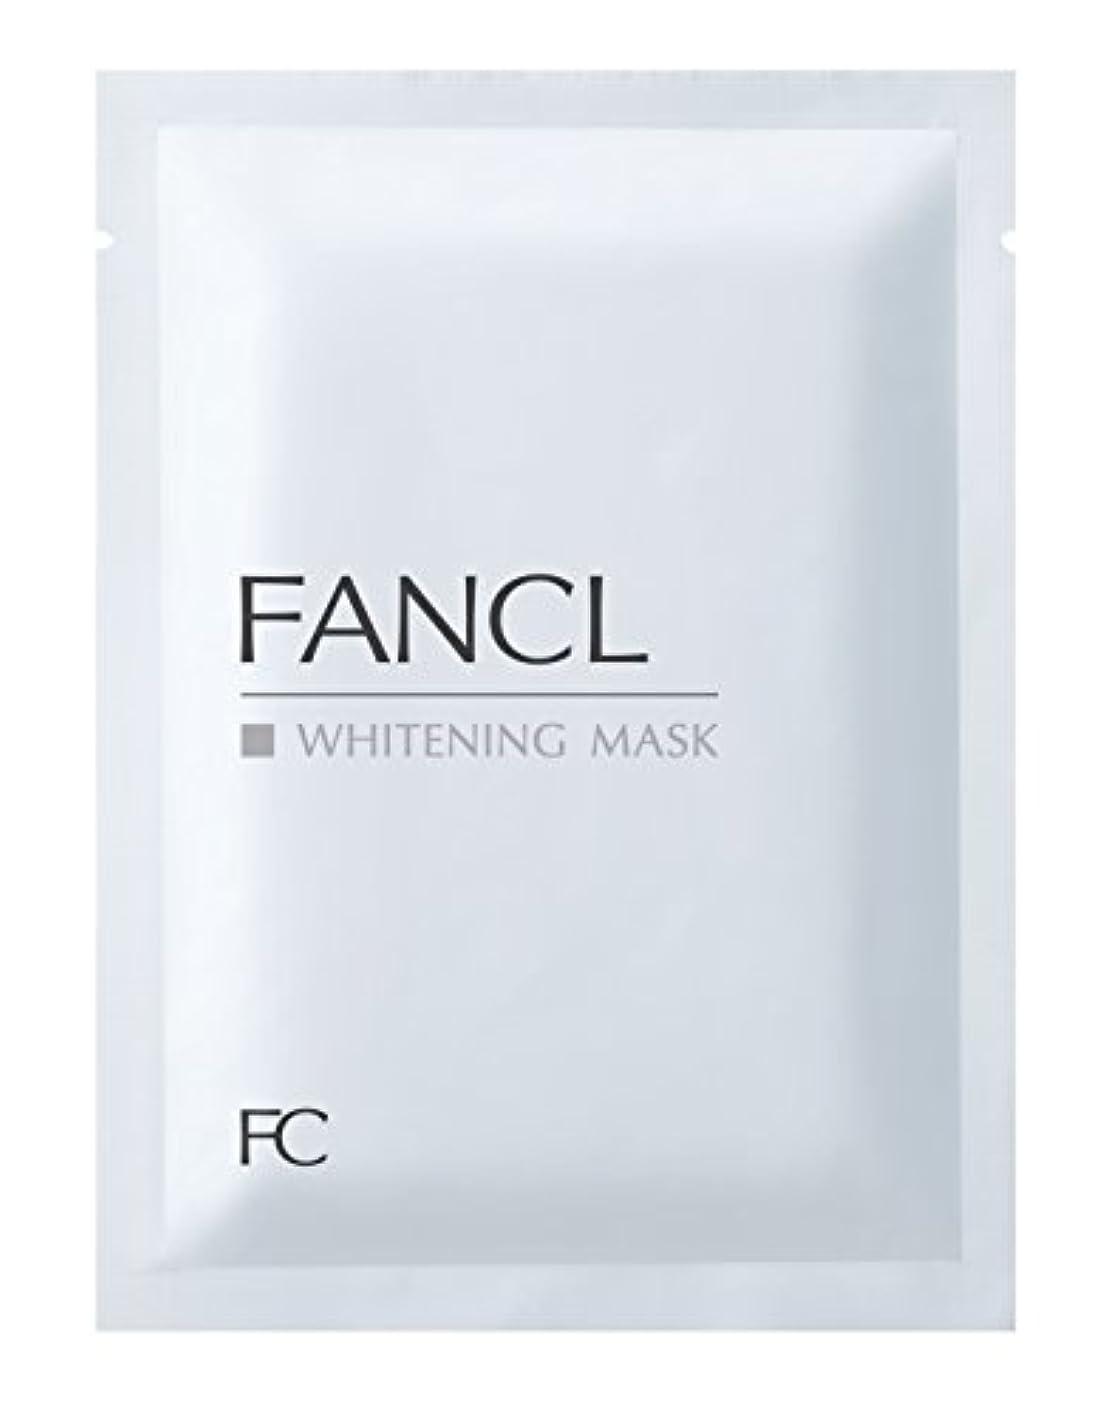 カード戸棚動物園(旧)ファンケル(FANCL) ホワイトニング マスク<医薬部外品> 21mL×6枚